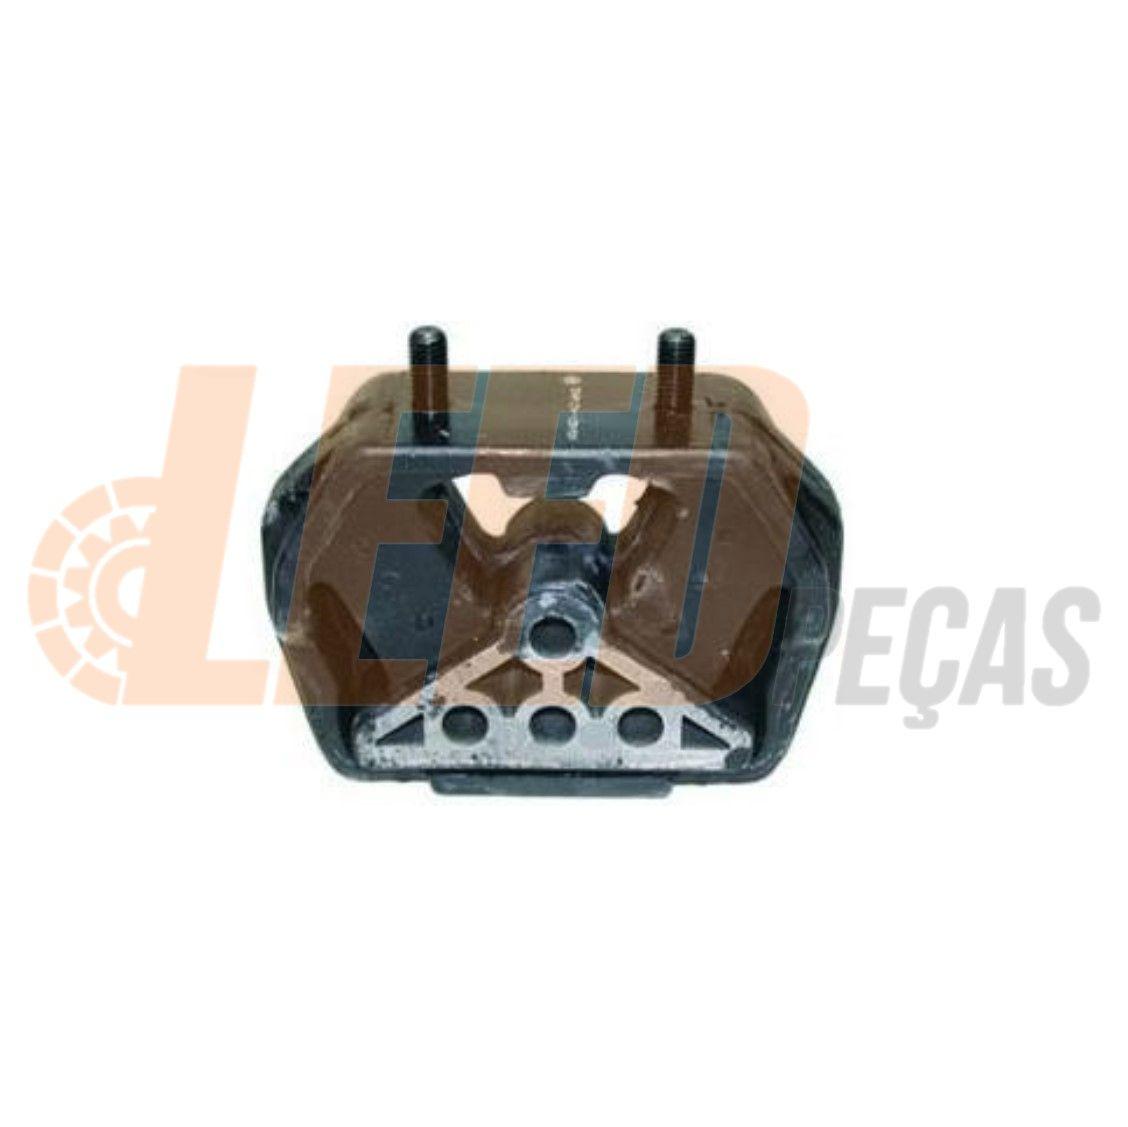 Coxim Traseiro Motor Astra 1.8/2.0 Importado 1994 1995 Astra Hatch/Sedan Gsi/Tt 1994 1995 Corsa Tt 1994 1995 Vectra 1994 1995 Vectra Sedan Gt/Tt 1994 1995 Zafira Tt 1994 1995